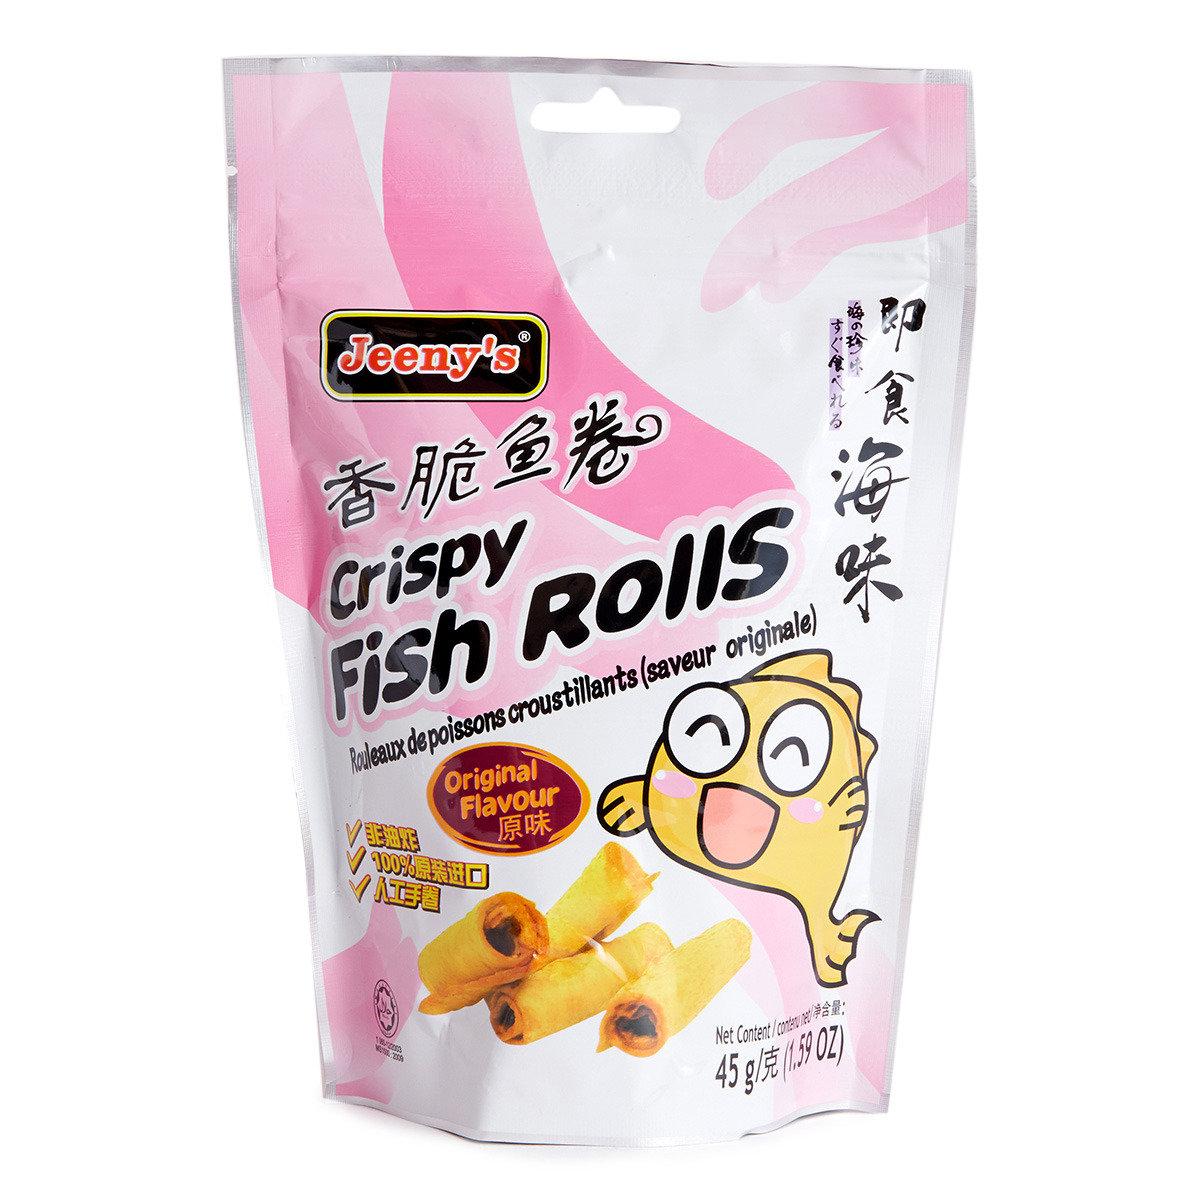 香脆魚卷 (原味) (賞味期限:07.05.2016)